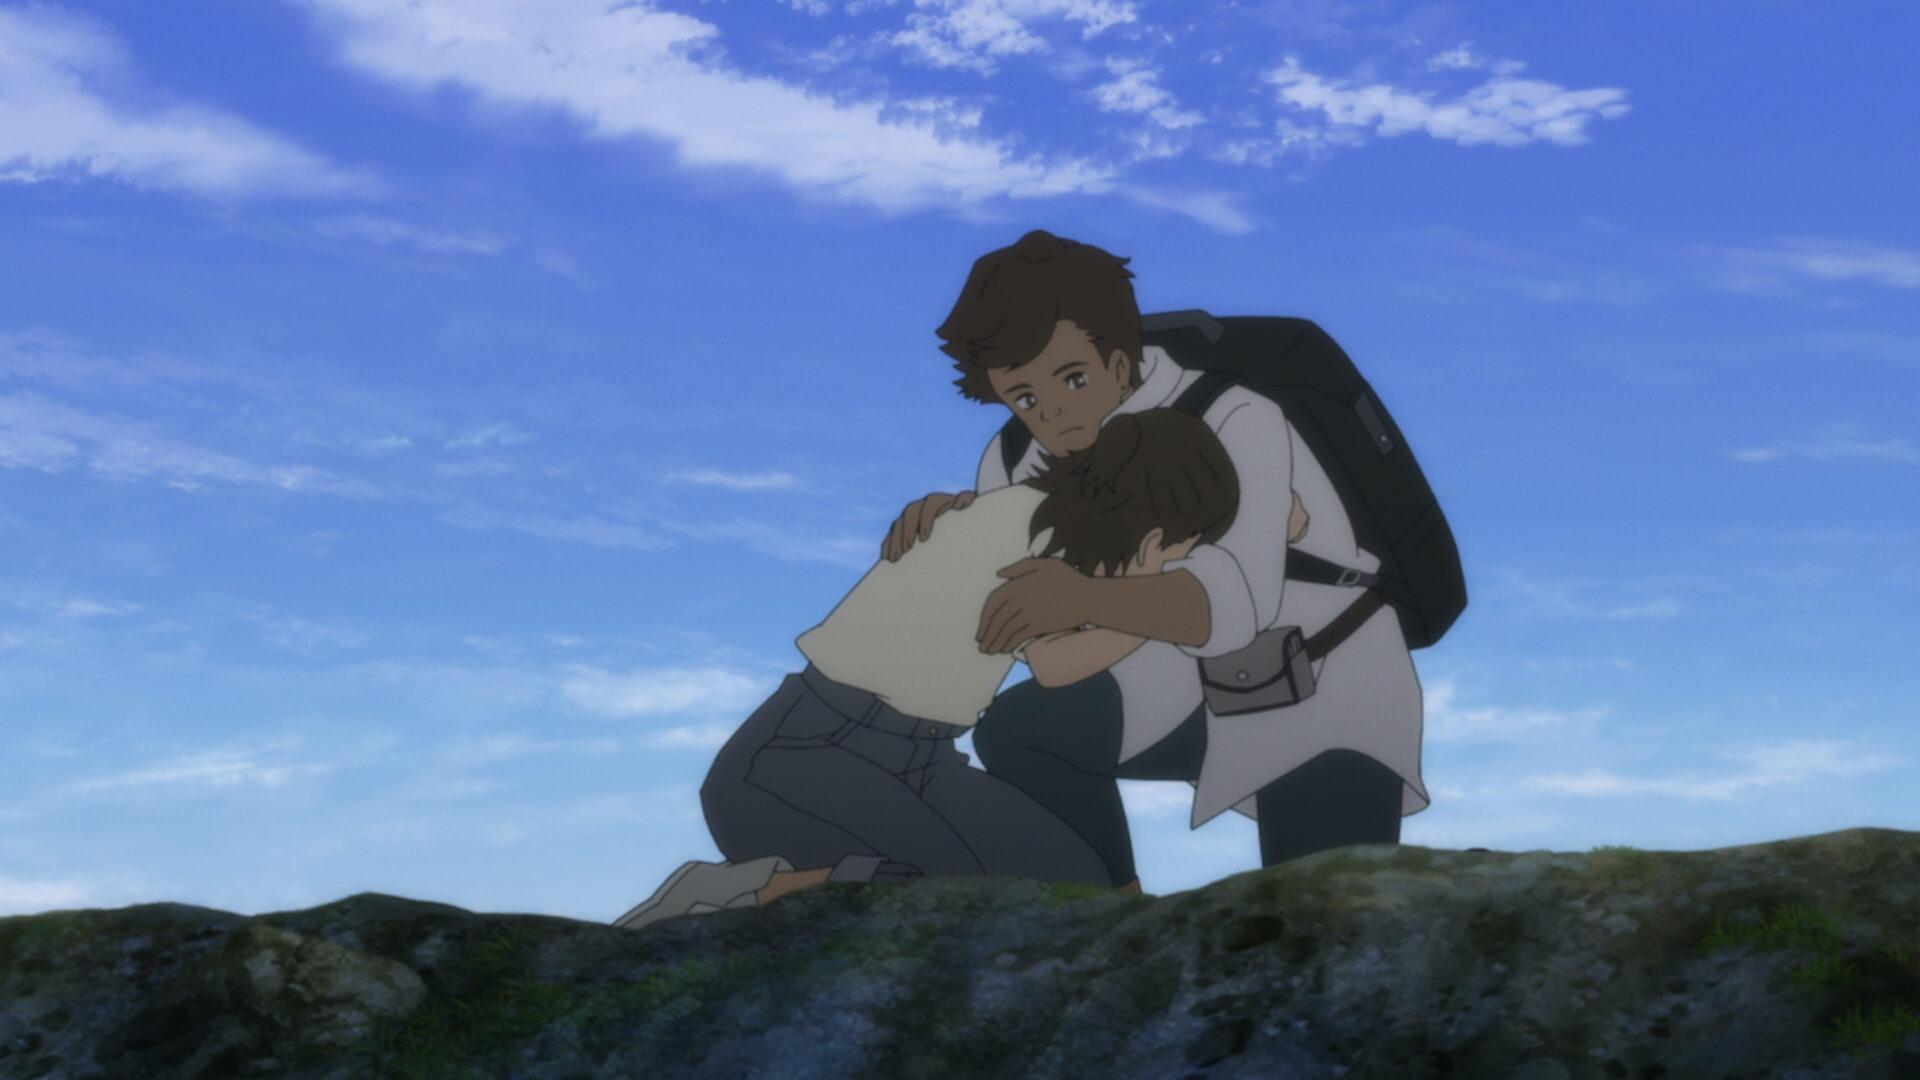 日本が沈没したのちの運命とは?Netflix『日本沈没2020』の本予告&豪華声優陣が解禁 film200529_nihonchimbotsu_12